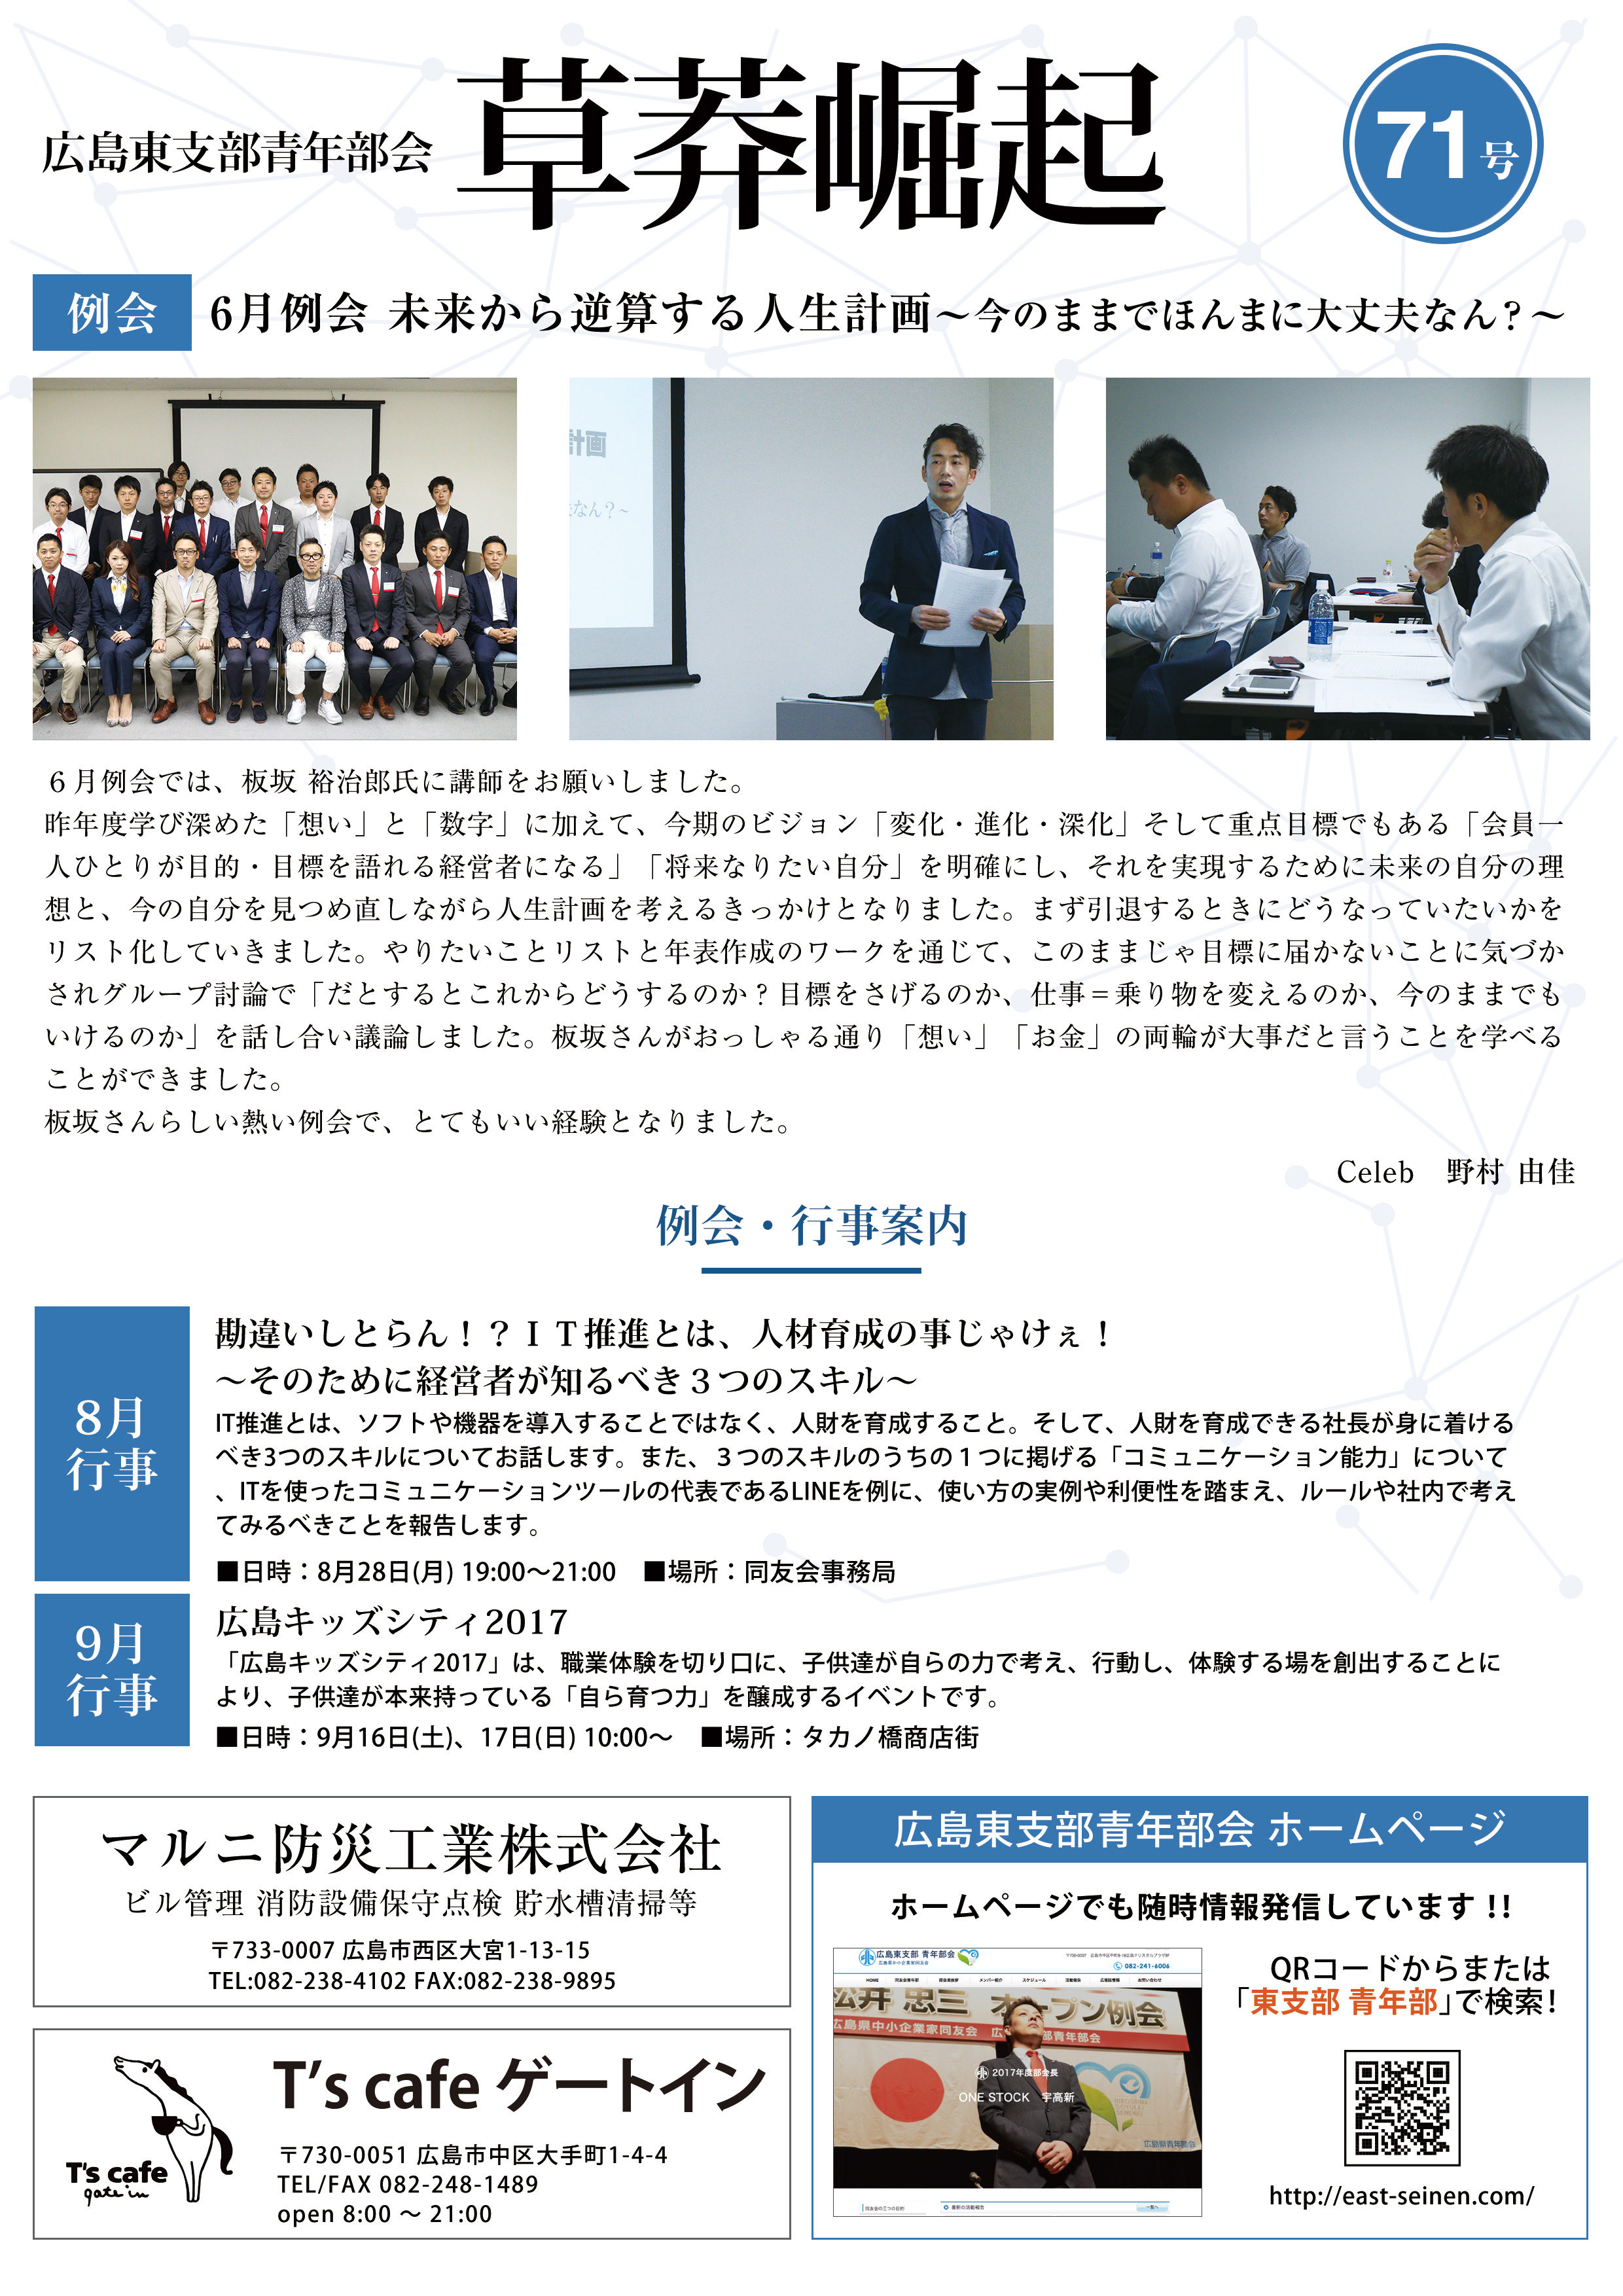 広報誌No.71